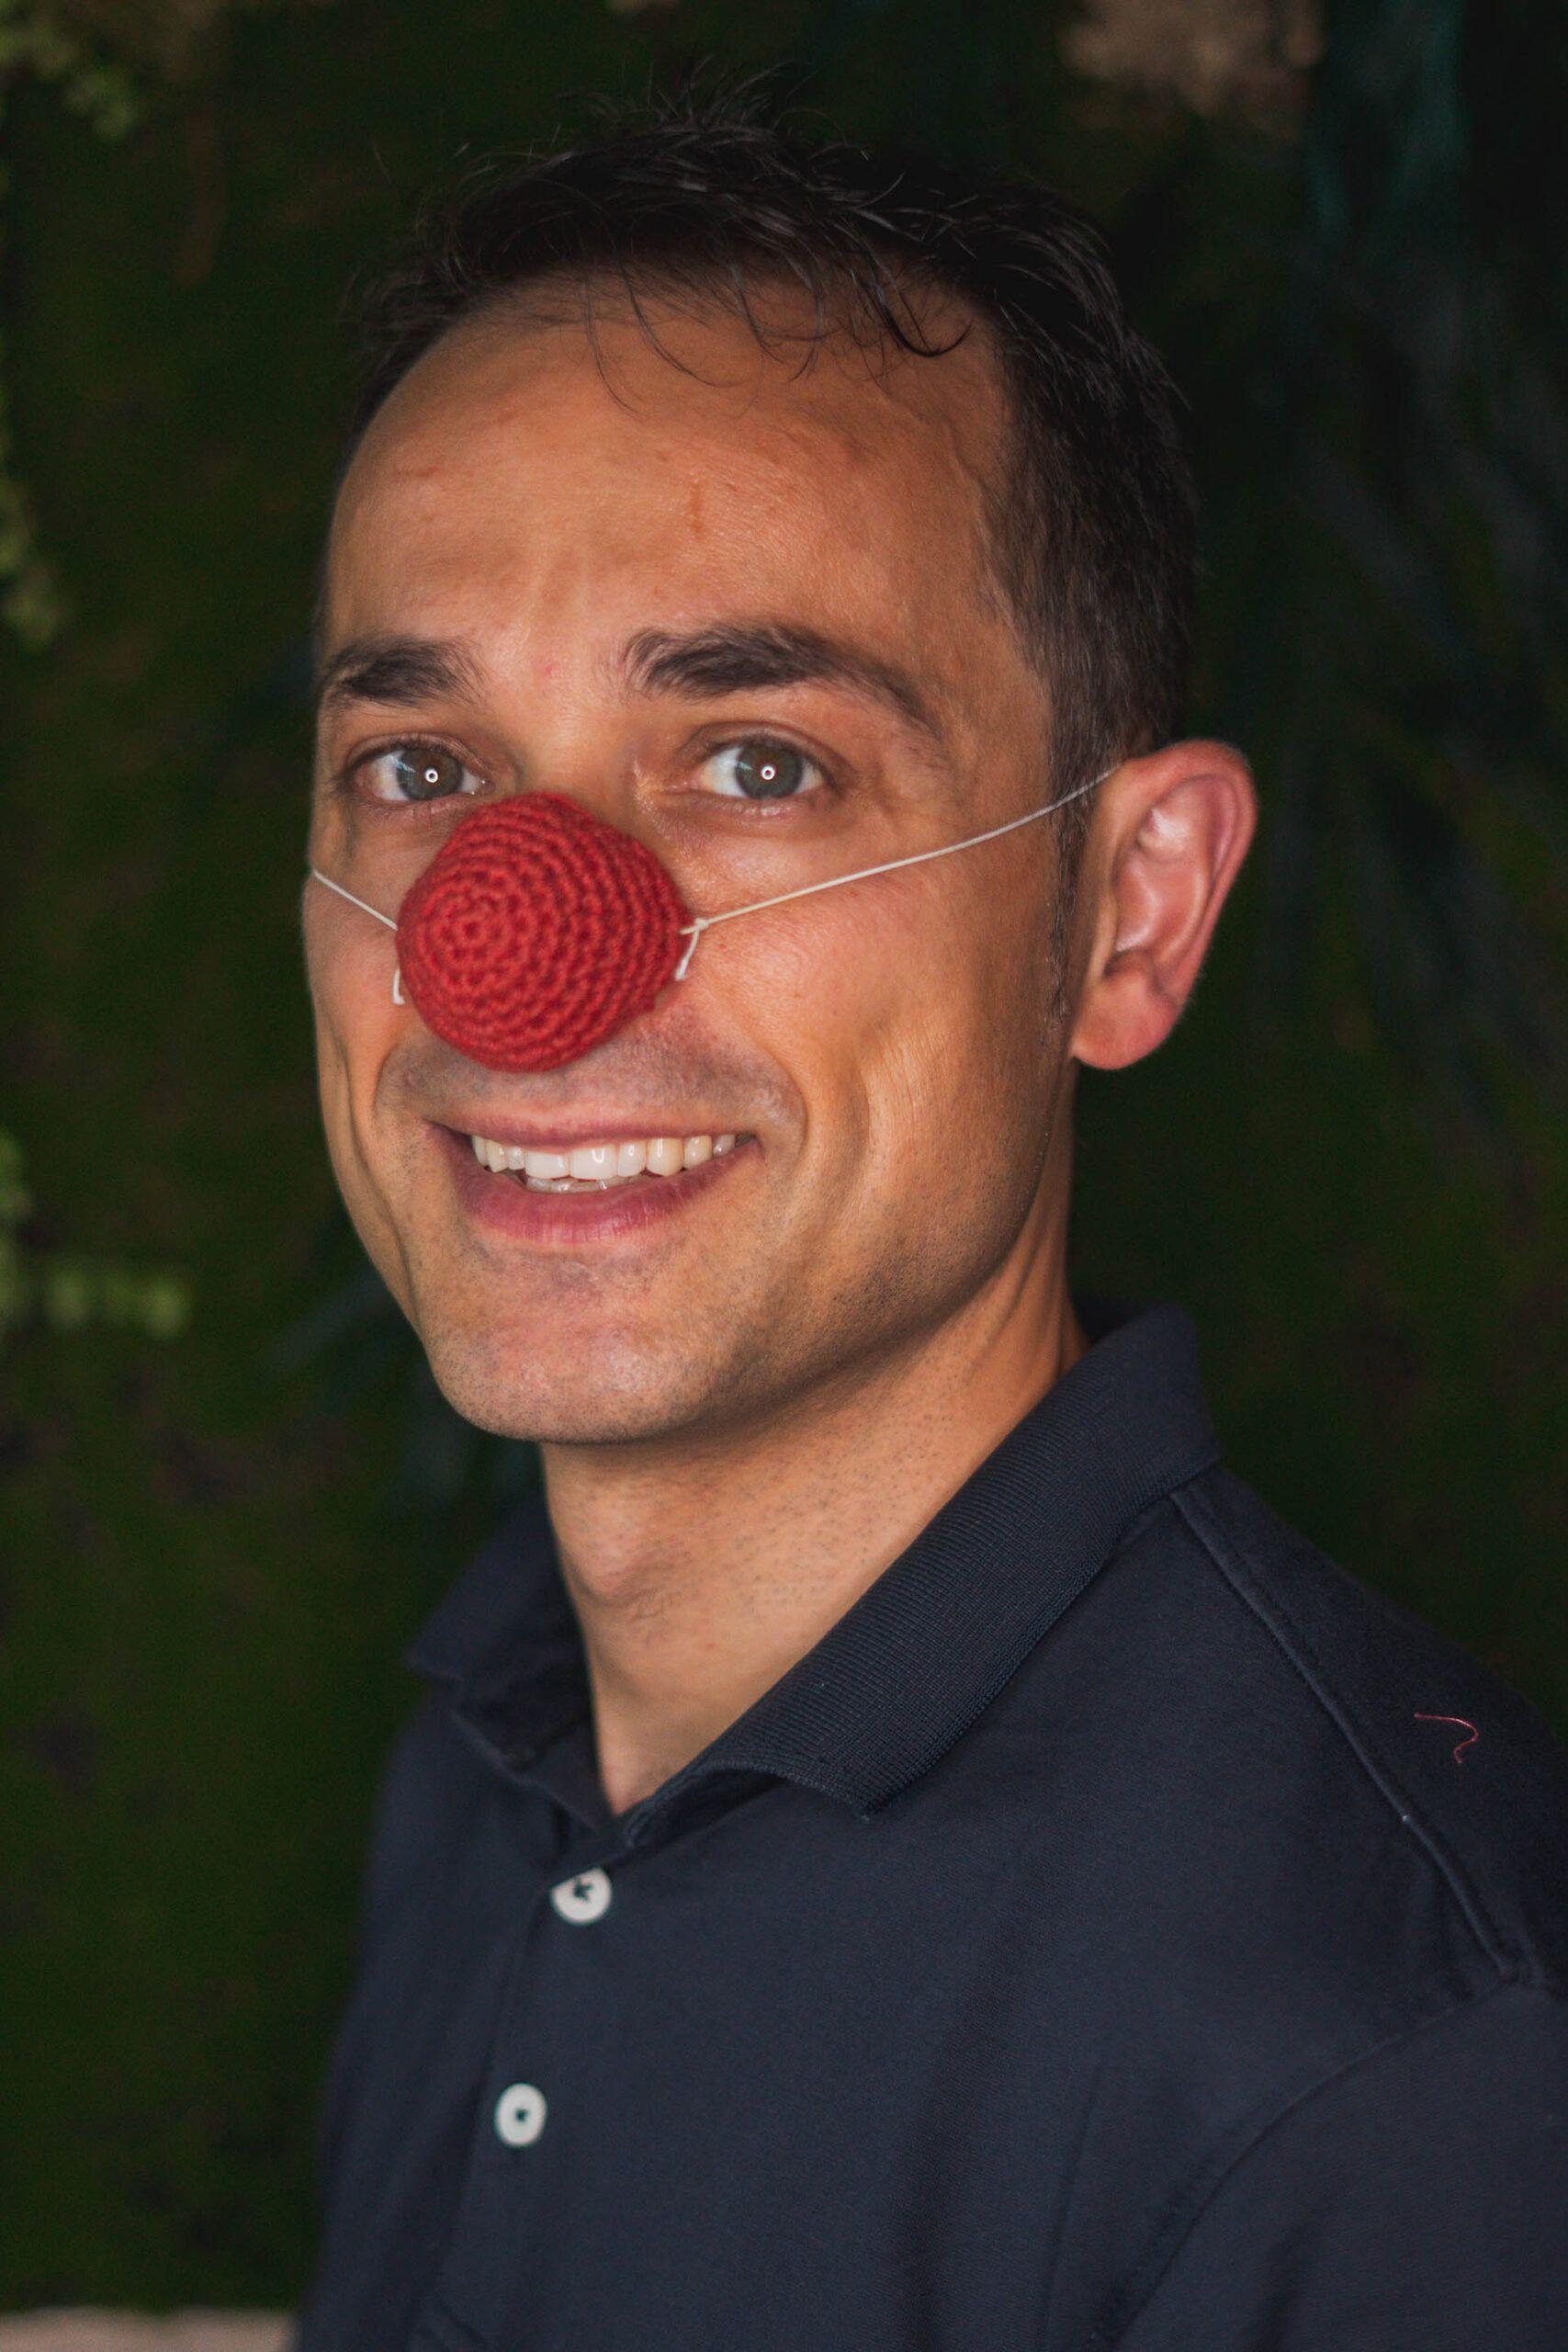 El equilibrista _ Narices de clown artesanales